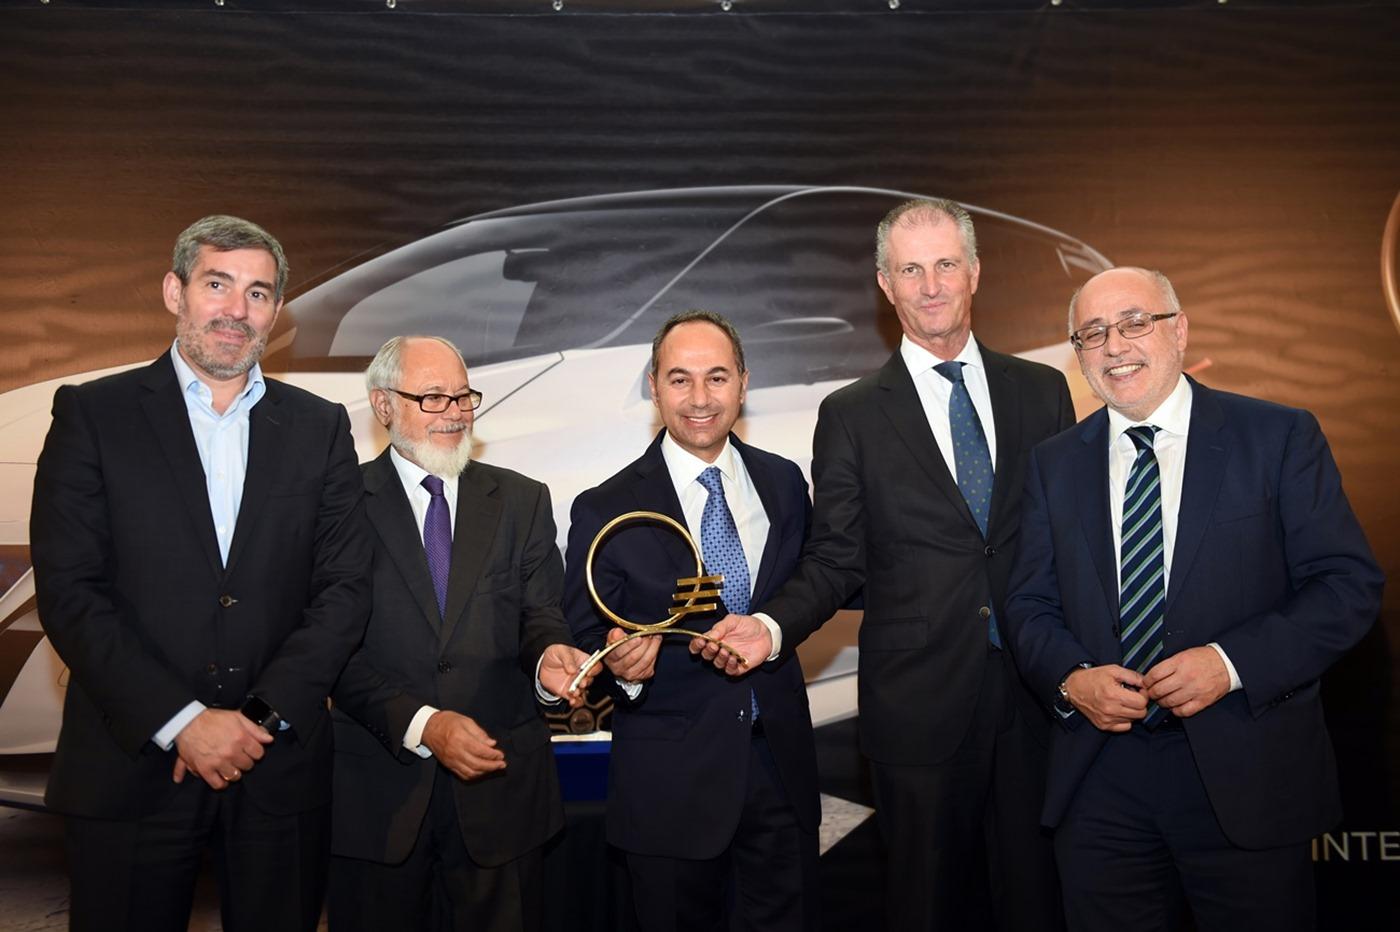 Fernando Clavijo, Andrés Izquier, Marco Toro, Fernando González y Antonio Morales durante la entrega del Premio Mejor Coche de Canarias al Nissan Leaf. | DA